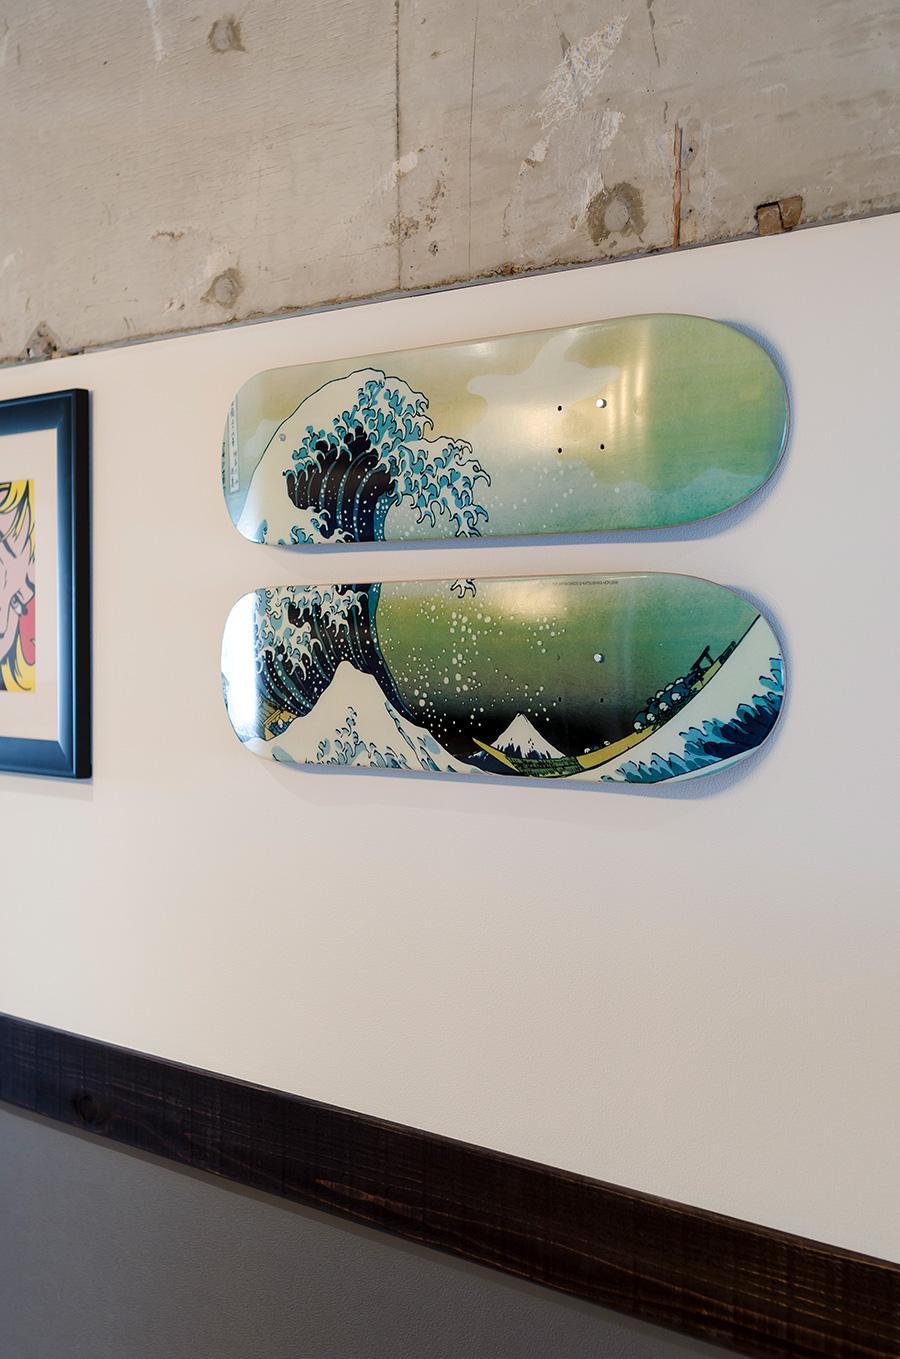 「富嶽三十六景」モチーフのスケートボード。